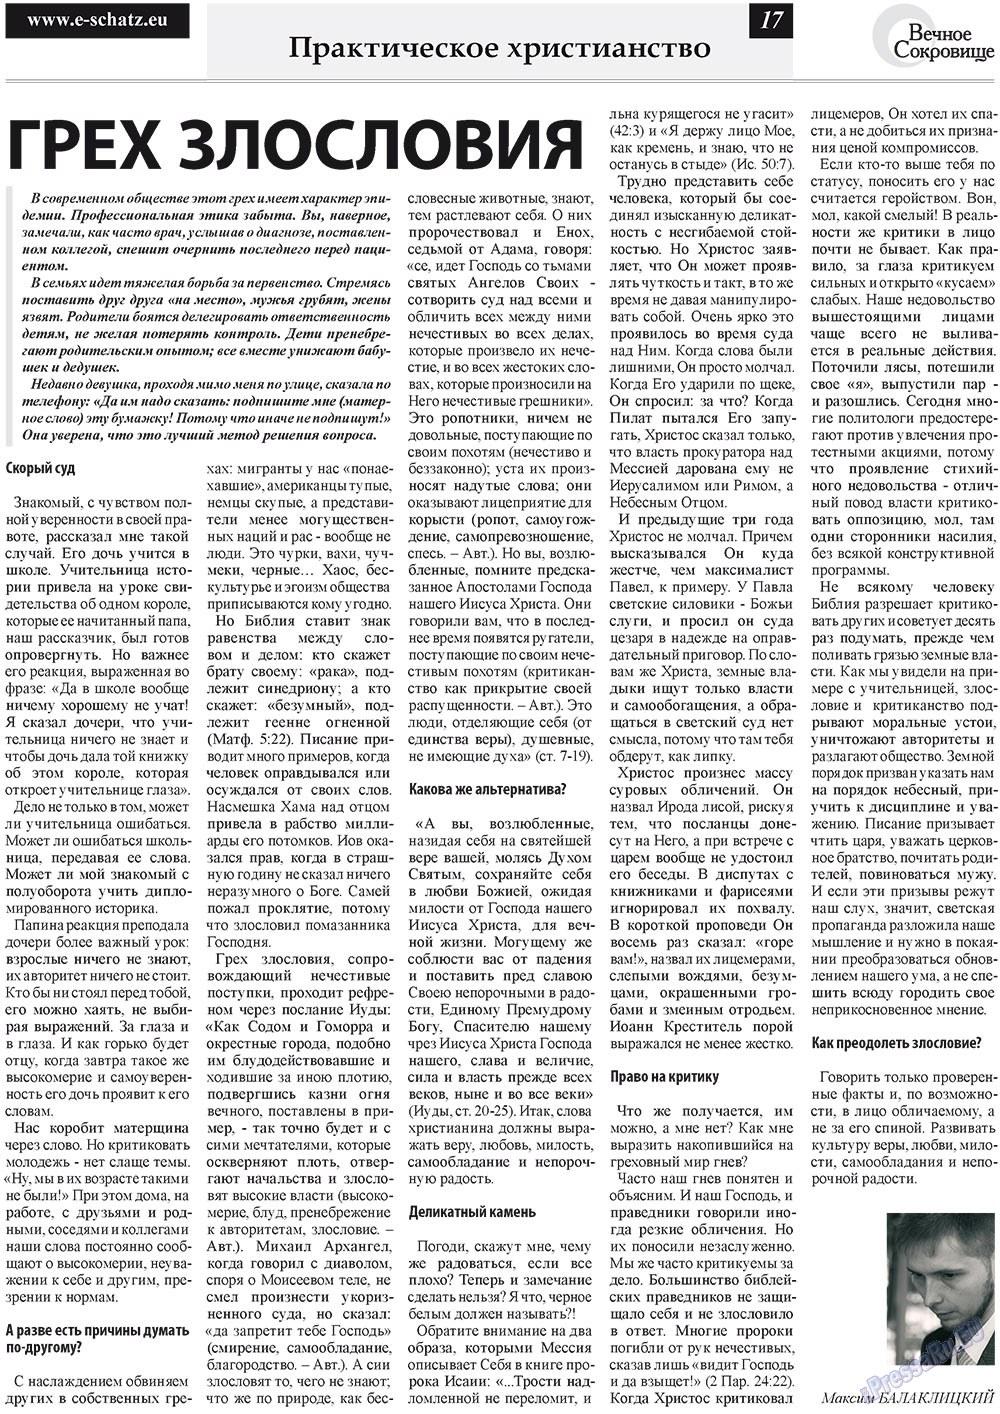 Вечное сокровище (газета). 2011 год, номер 5, стр. 17